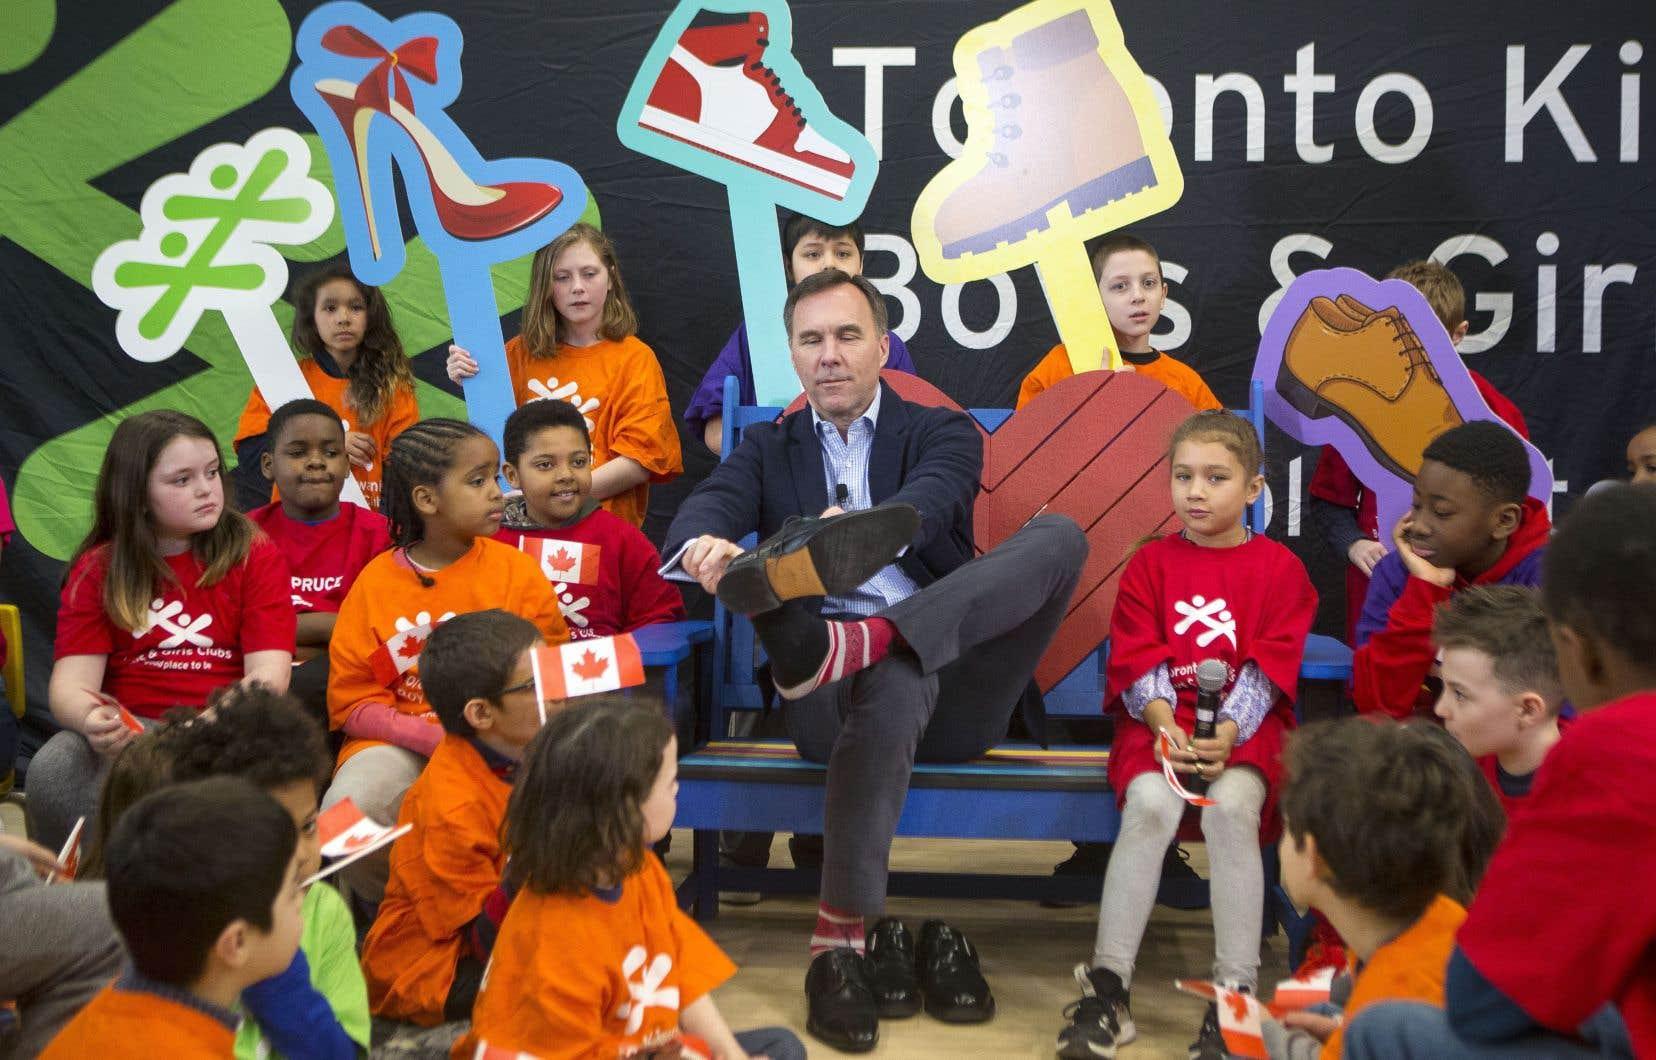 Le ministre fédéral des Finances, Bill Morneau, visitait la semaine dernière un club de jeunes à Toronto.